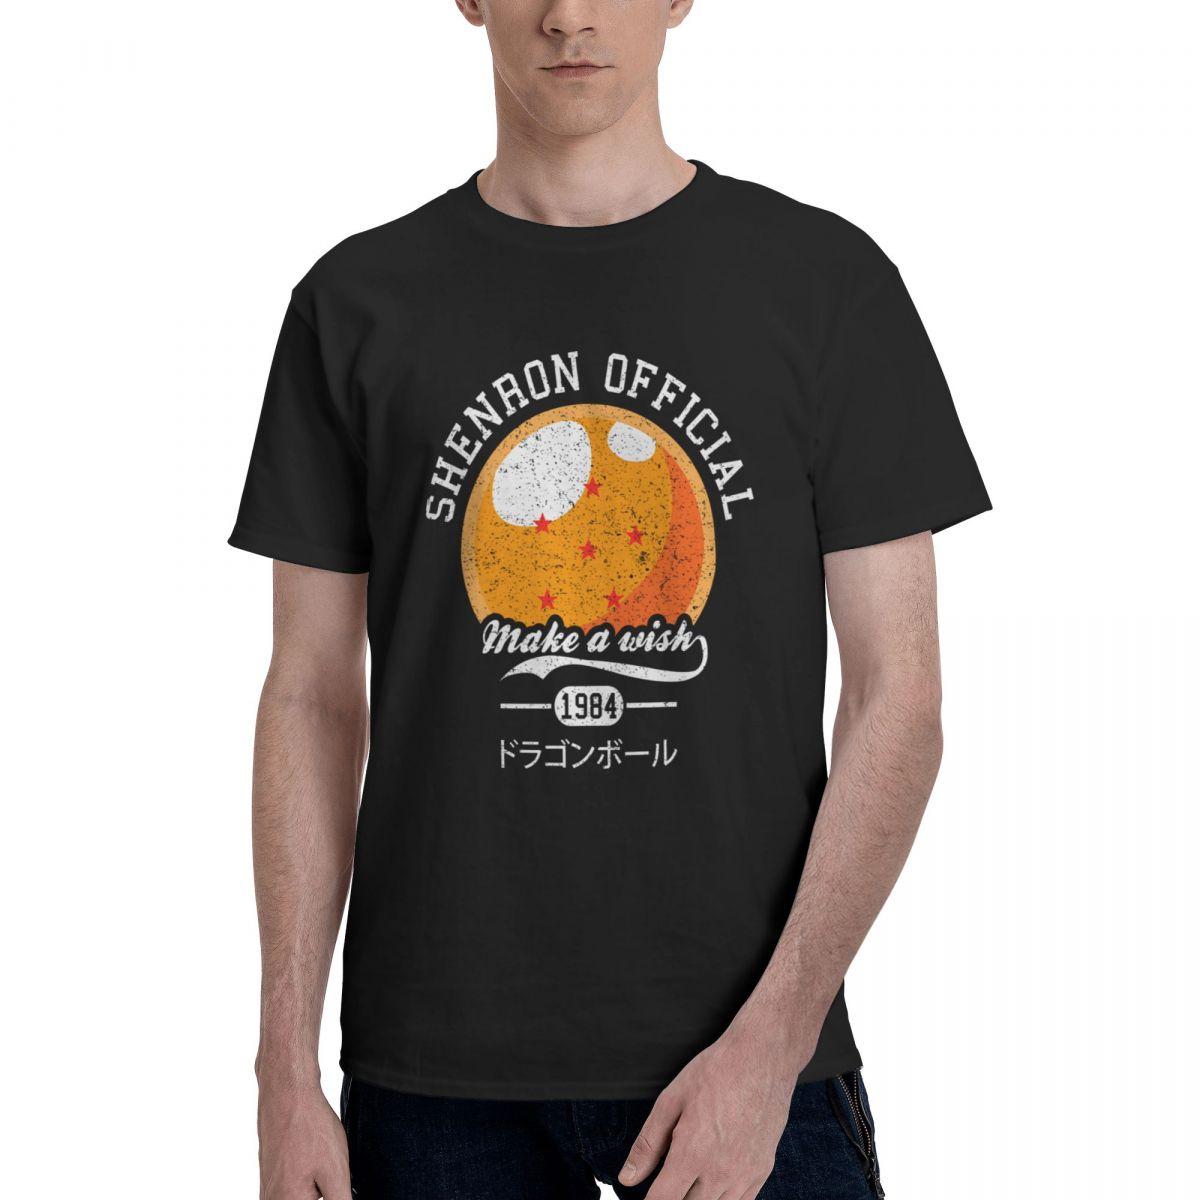 بانداي لعبة دراغون بول سايان تي شيرت الرجال 100% القطن الجدة تي شيرت س الرقبة أنيمي Dbz المحملة قميص قصير الأكمام الملابس 6XL